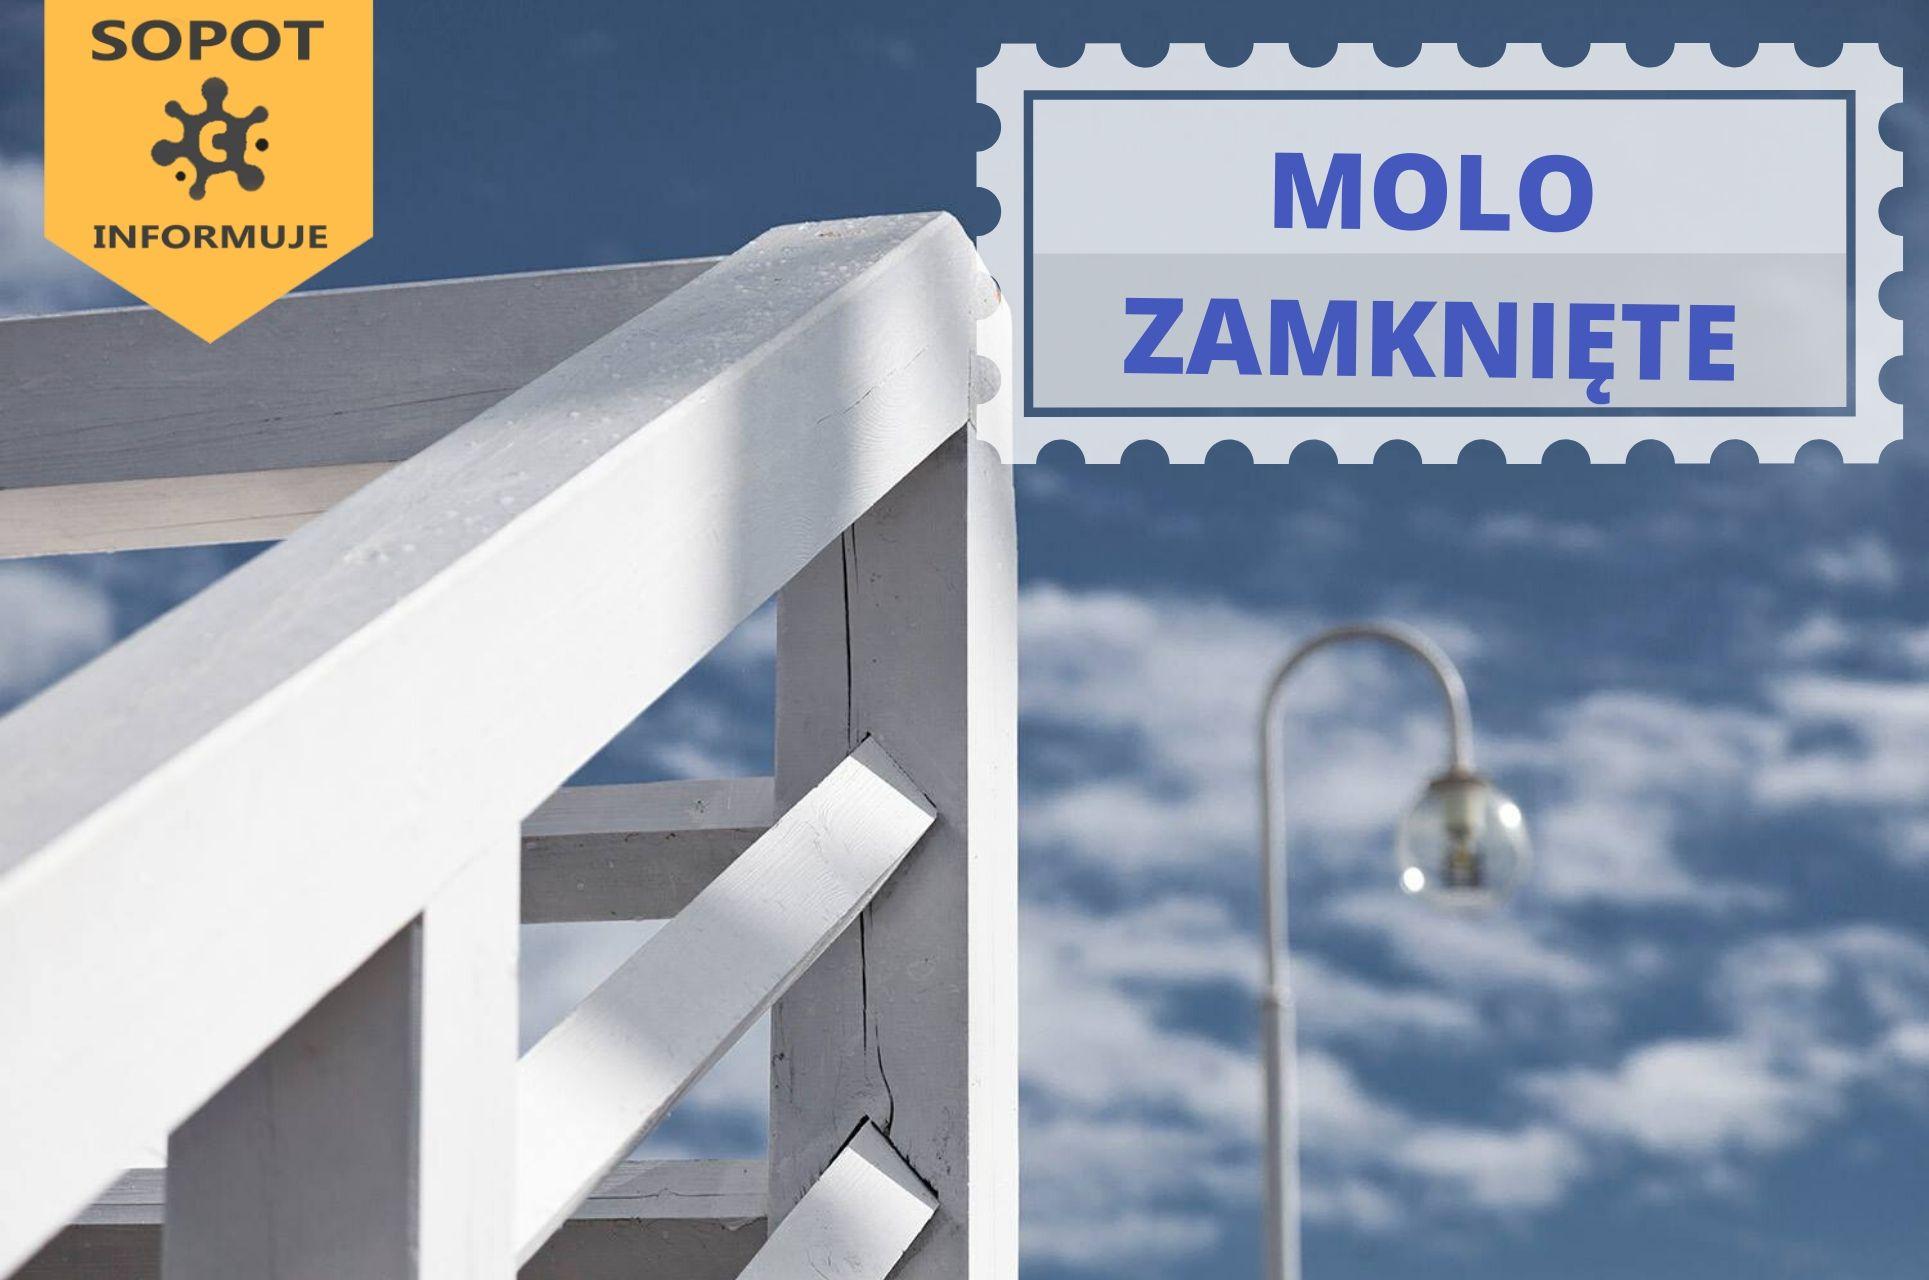 Od 26 marca molo w Sopocie będzie zamknięte (fot. sopot.pl)